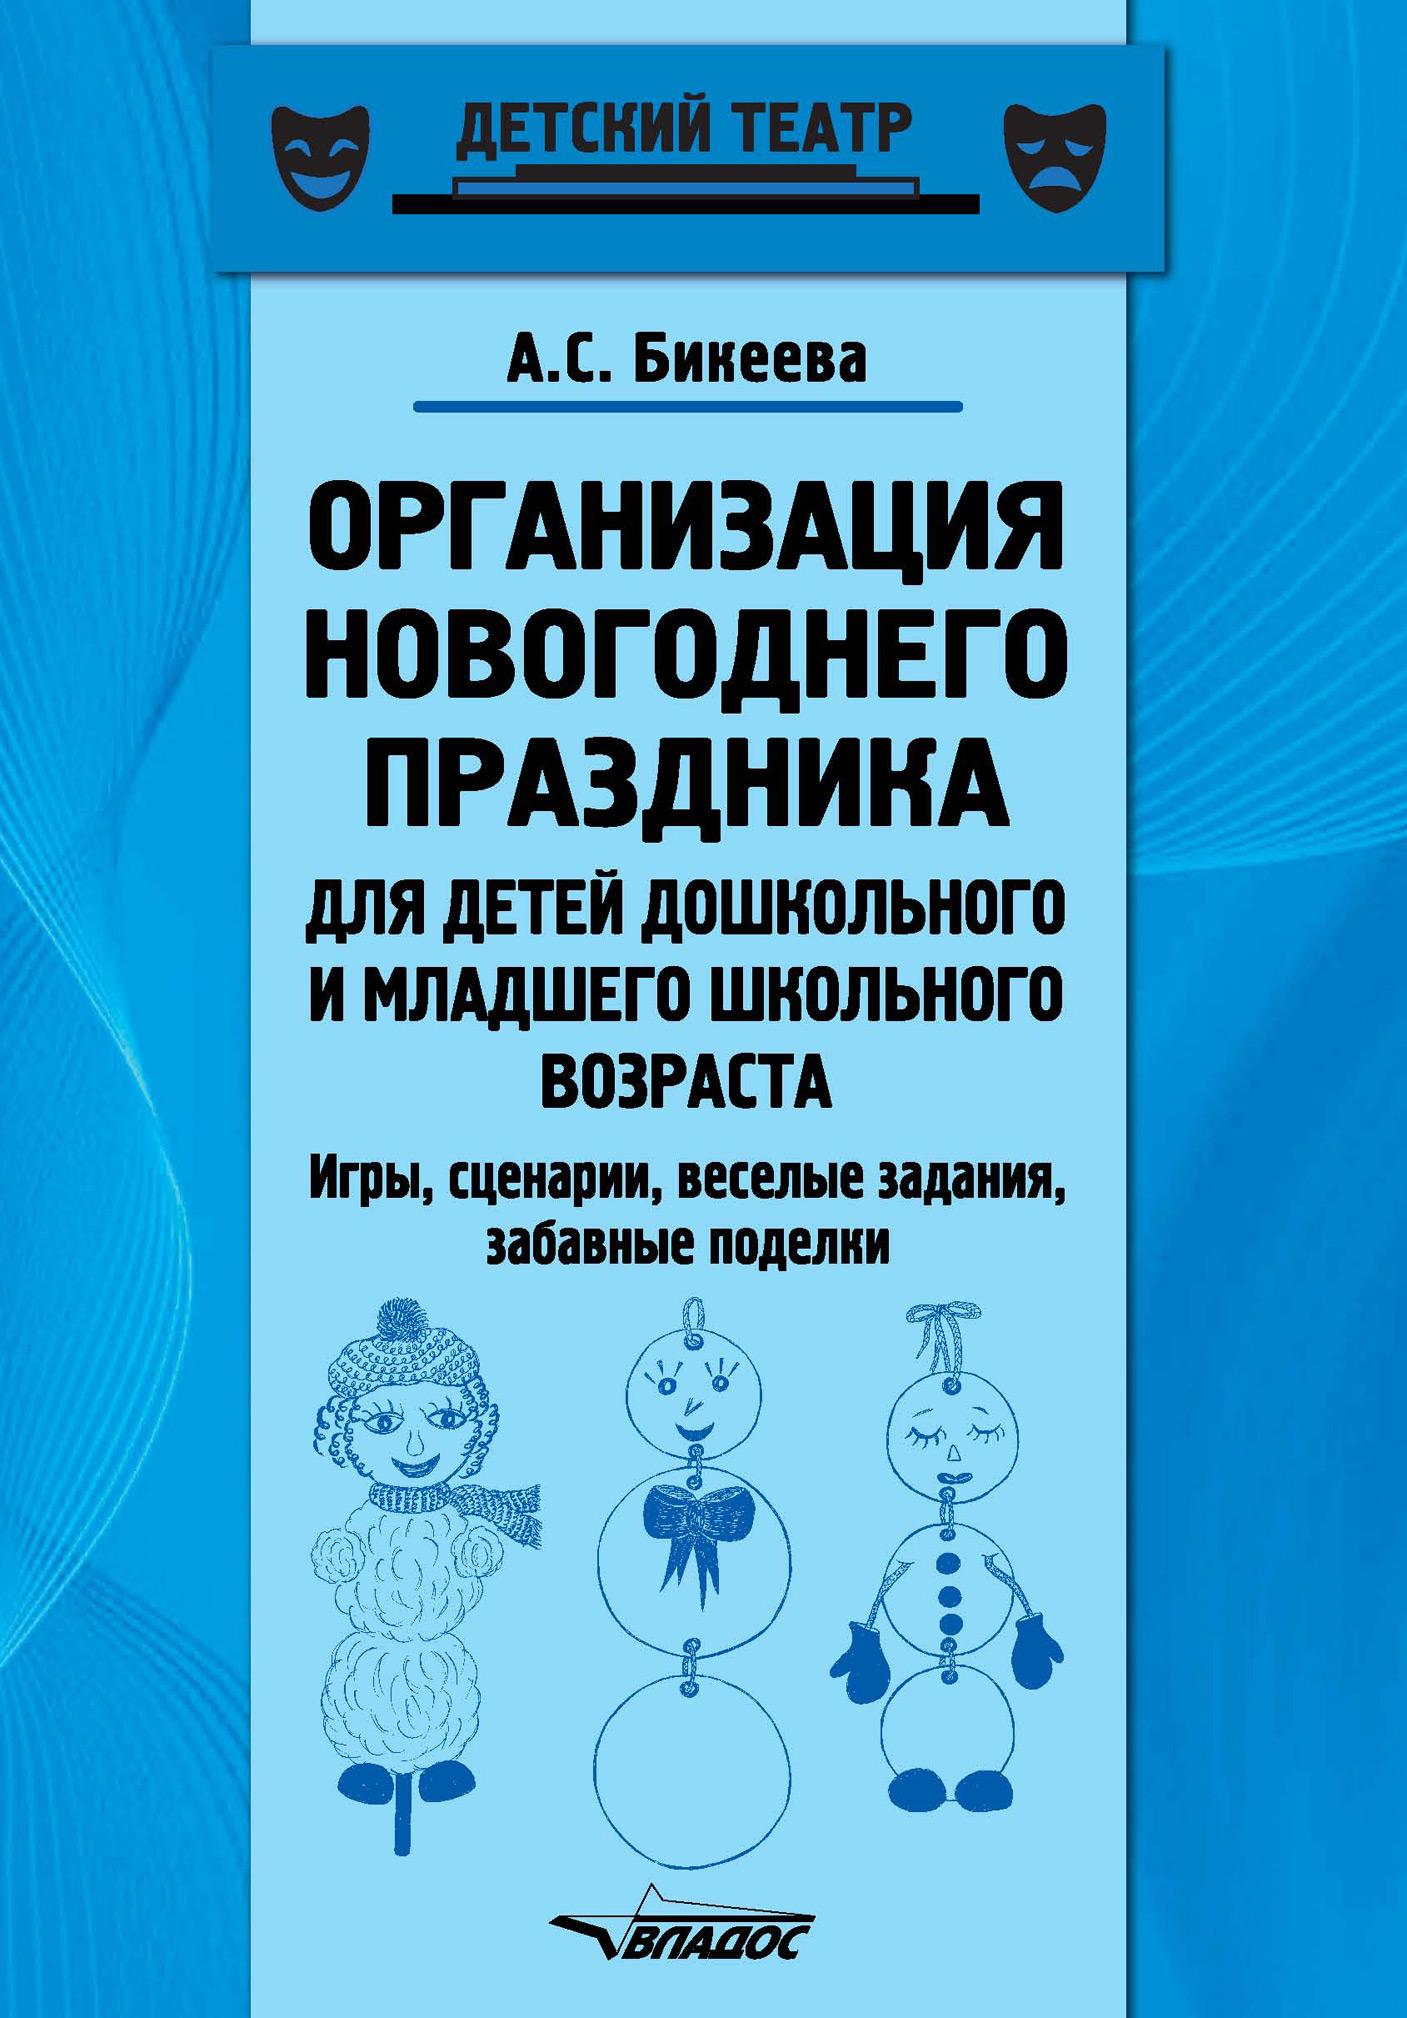 А. С. Бикеева Организация новогоднего праздника для детей дошкольного и младшего школьного возраста. Игры, сценарии, веселые задания, забавные поделки